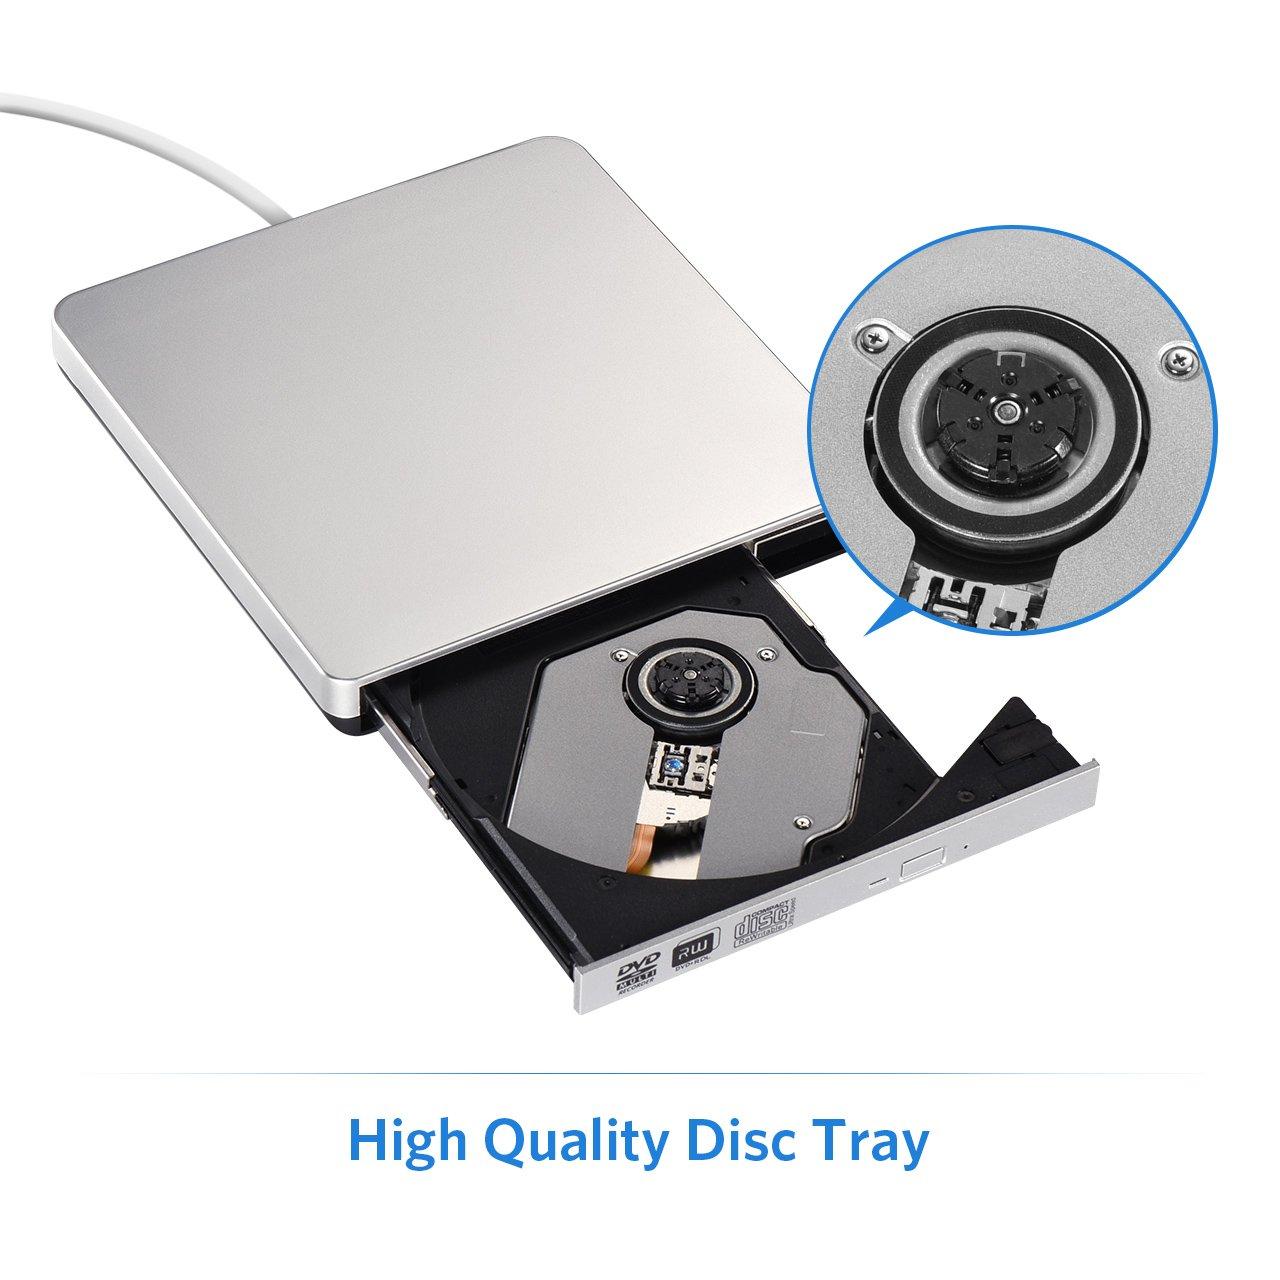 Универсальный драйвер для привода cd dvd скачать